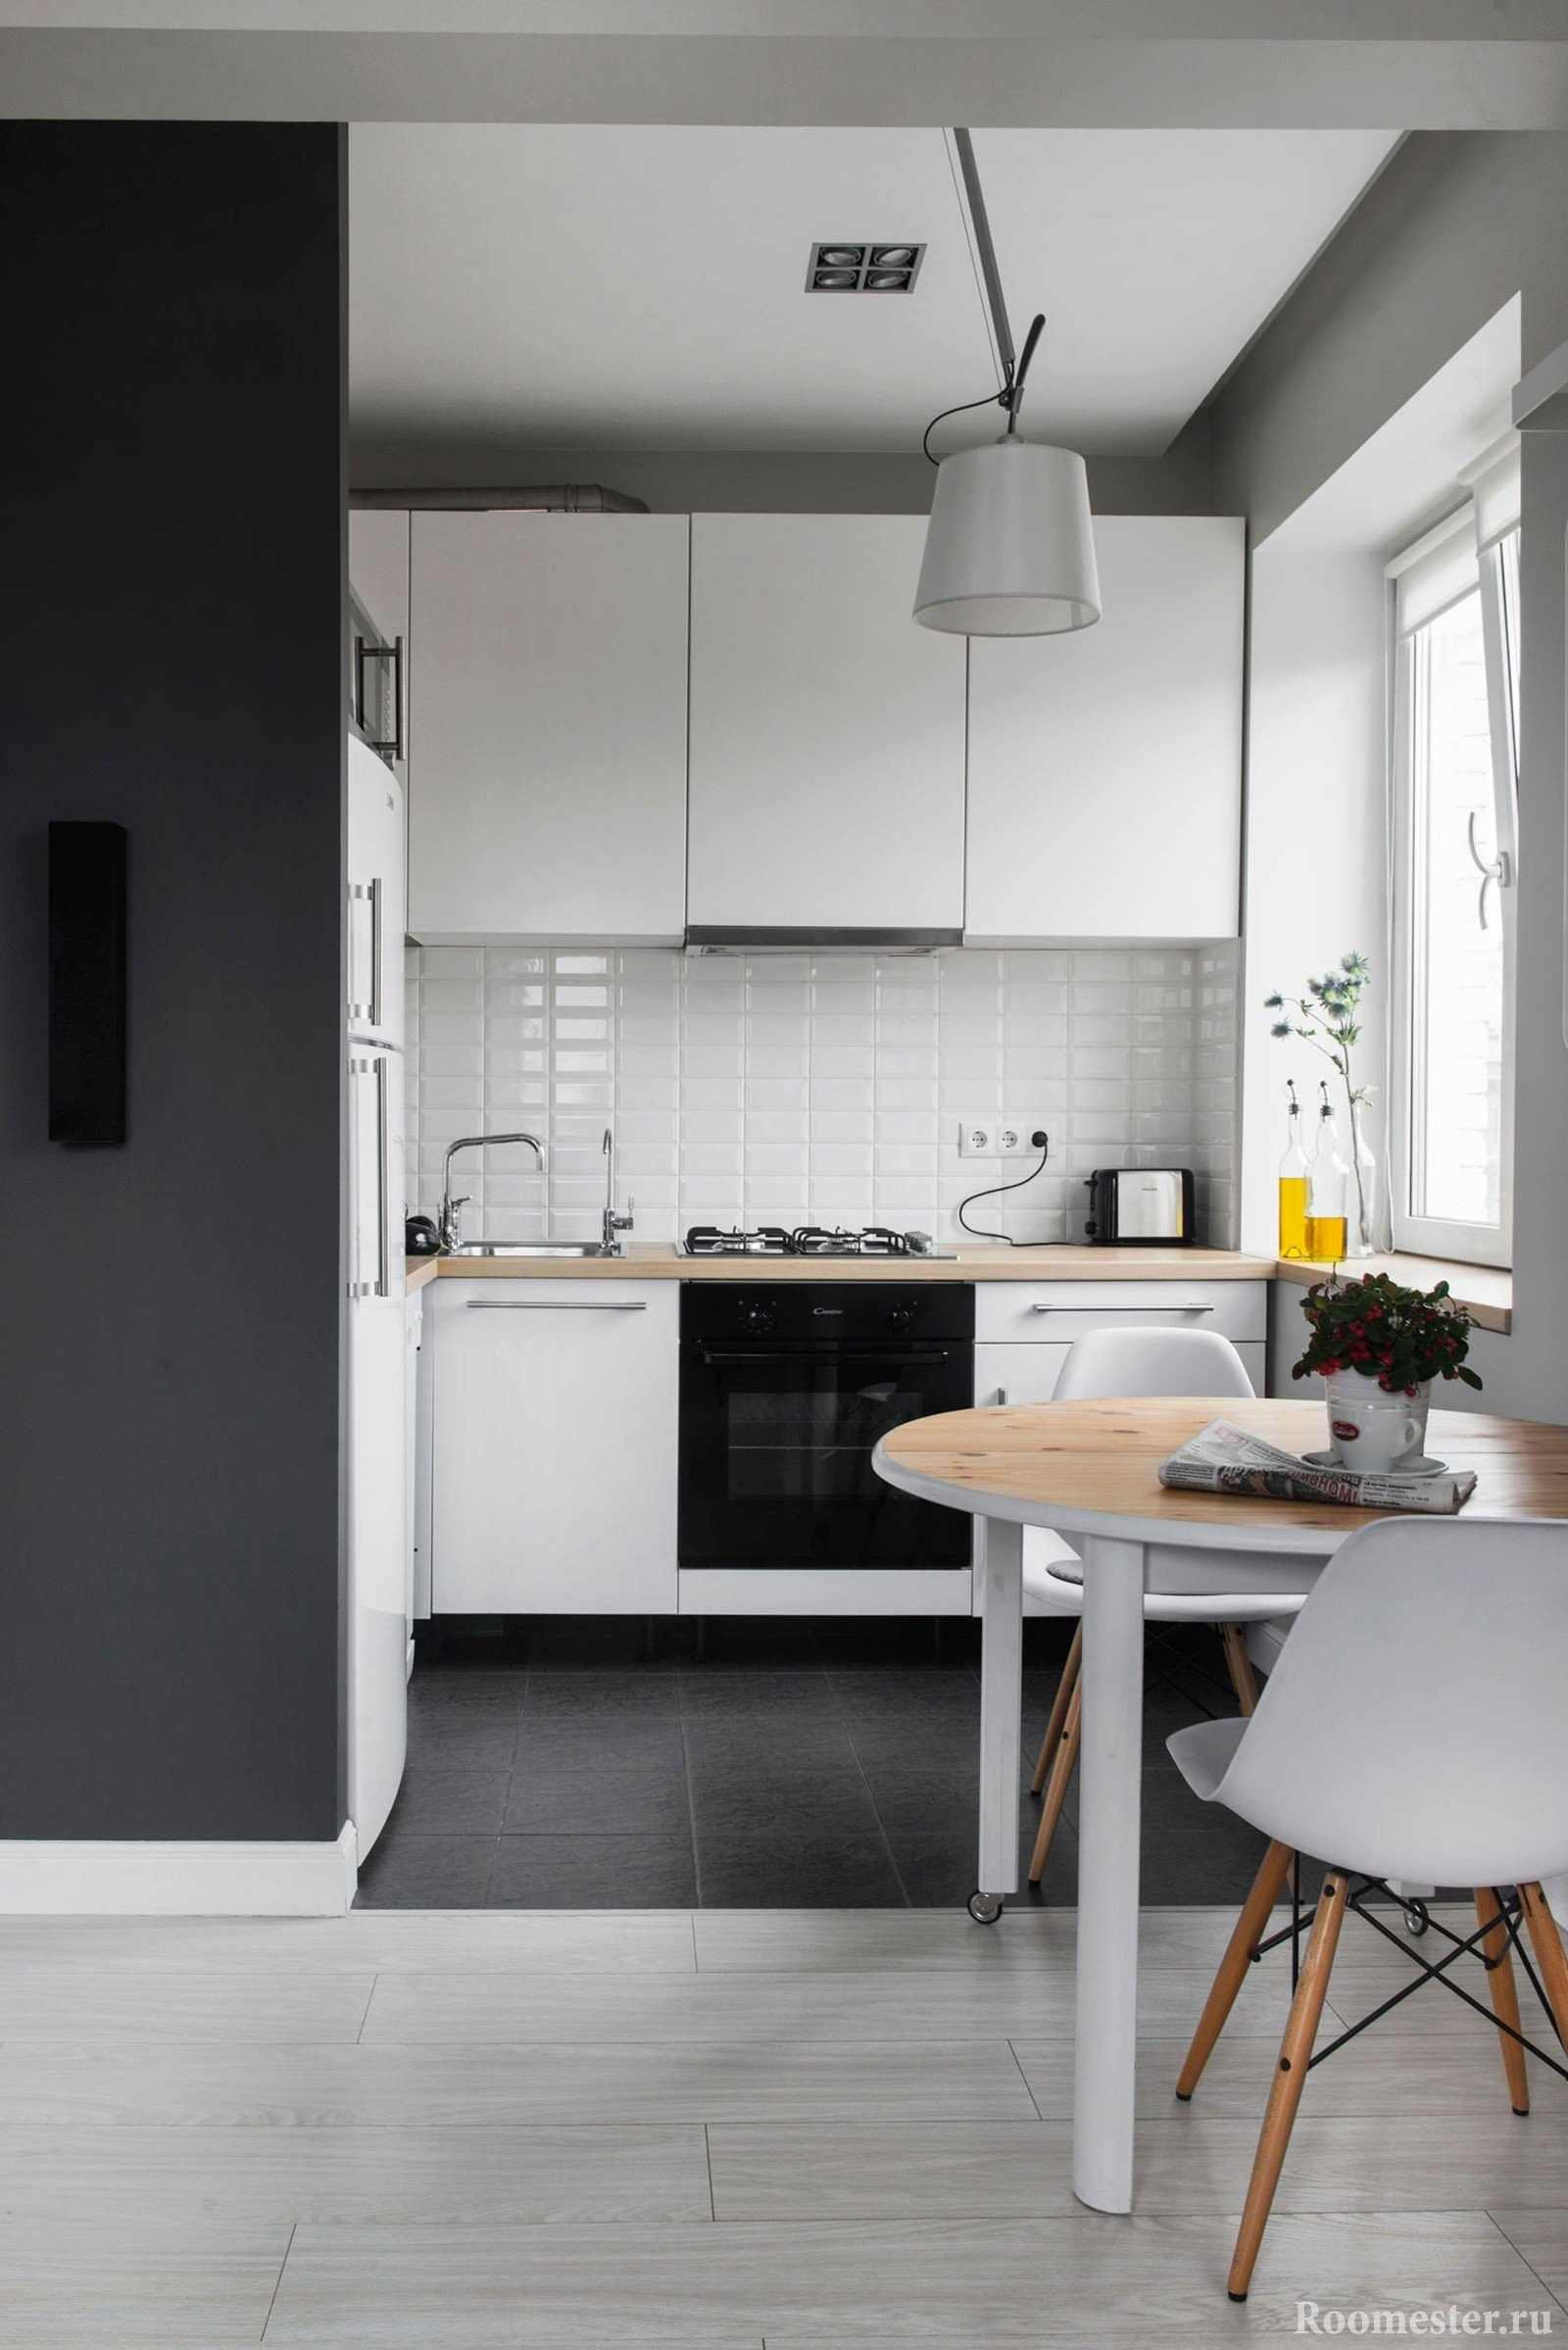 Кухня с перепланировкой